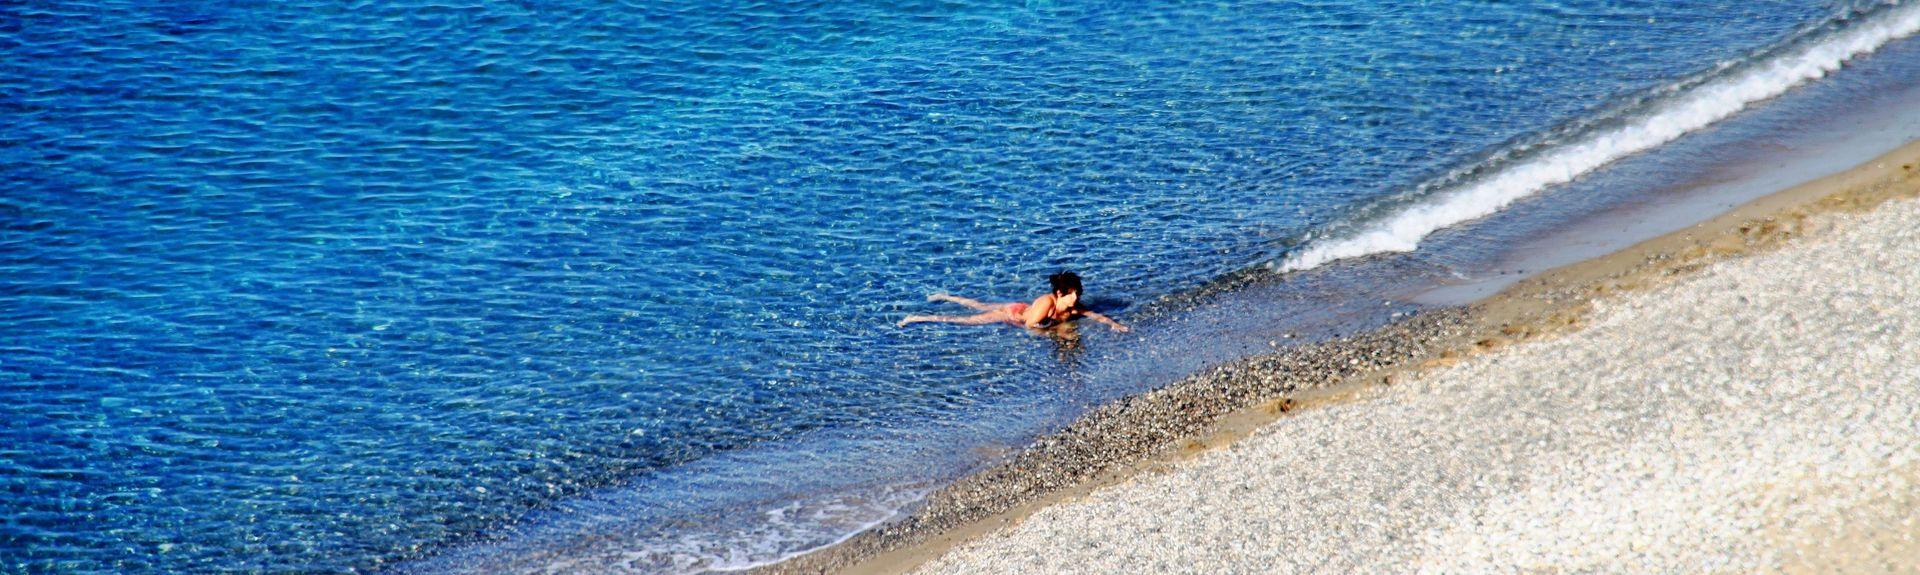 Asi Gonia, Greece